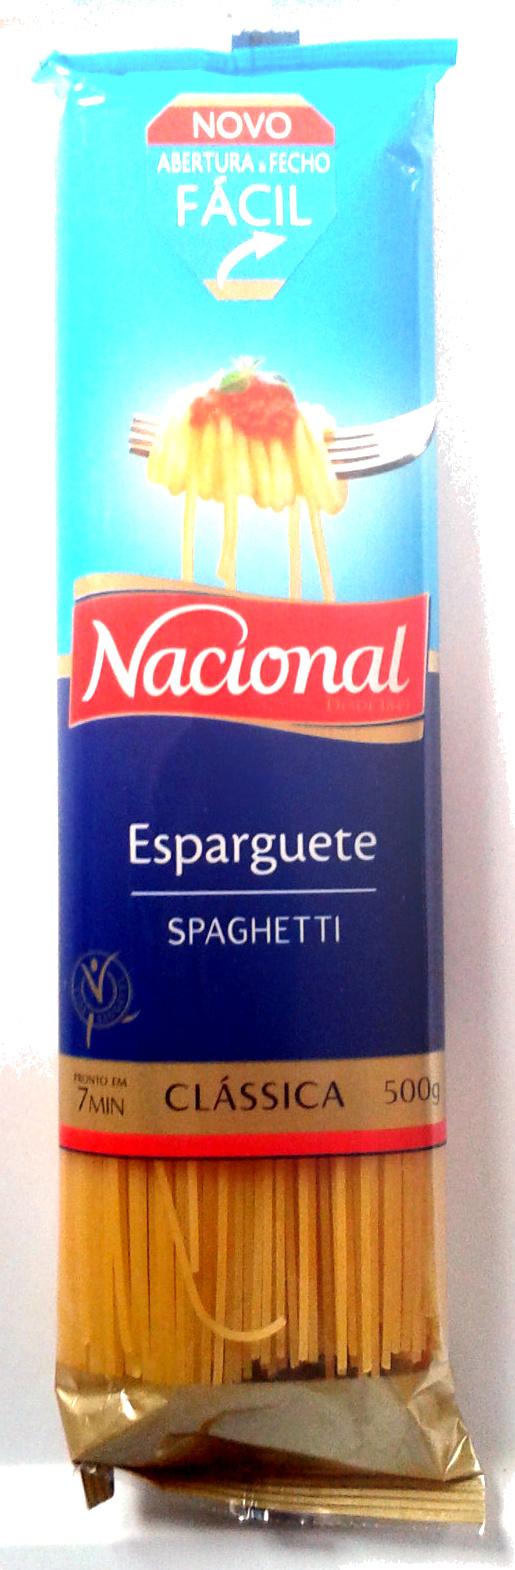 Spaghetti classica - Product